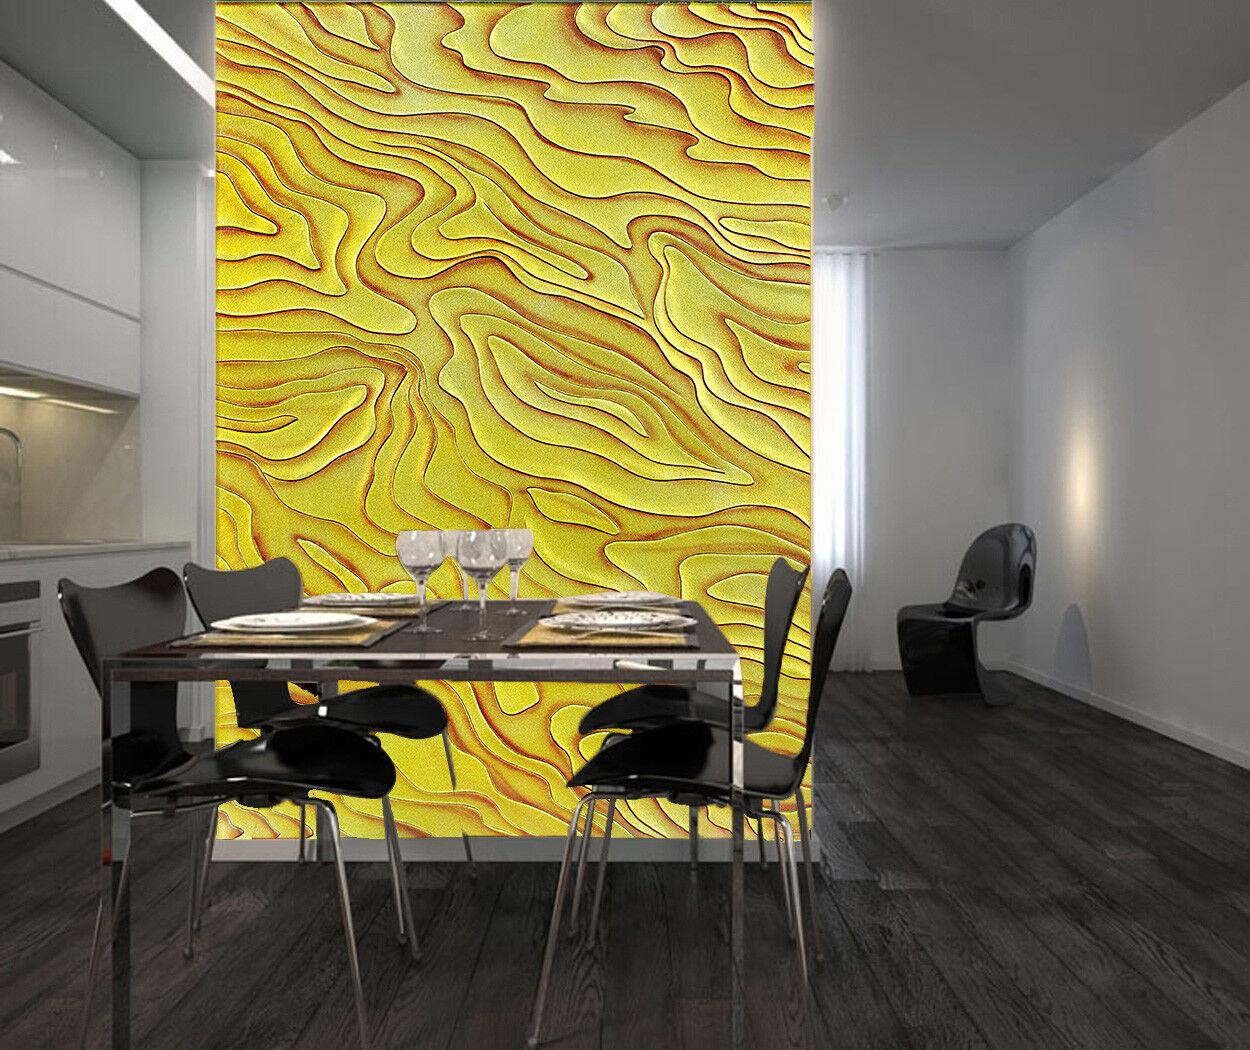 3D Yellow Line 4249 Wallpaper Murals Wall Print Wall Mural AJ WALLPAPER UK Lemon